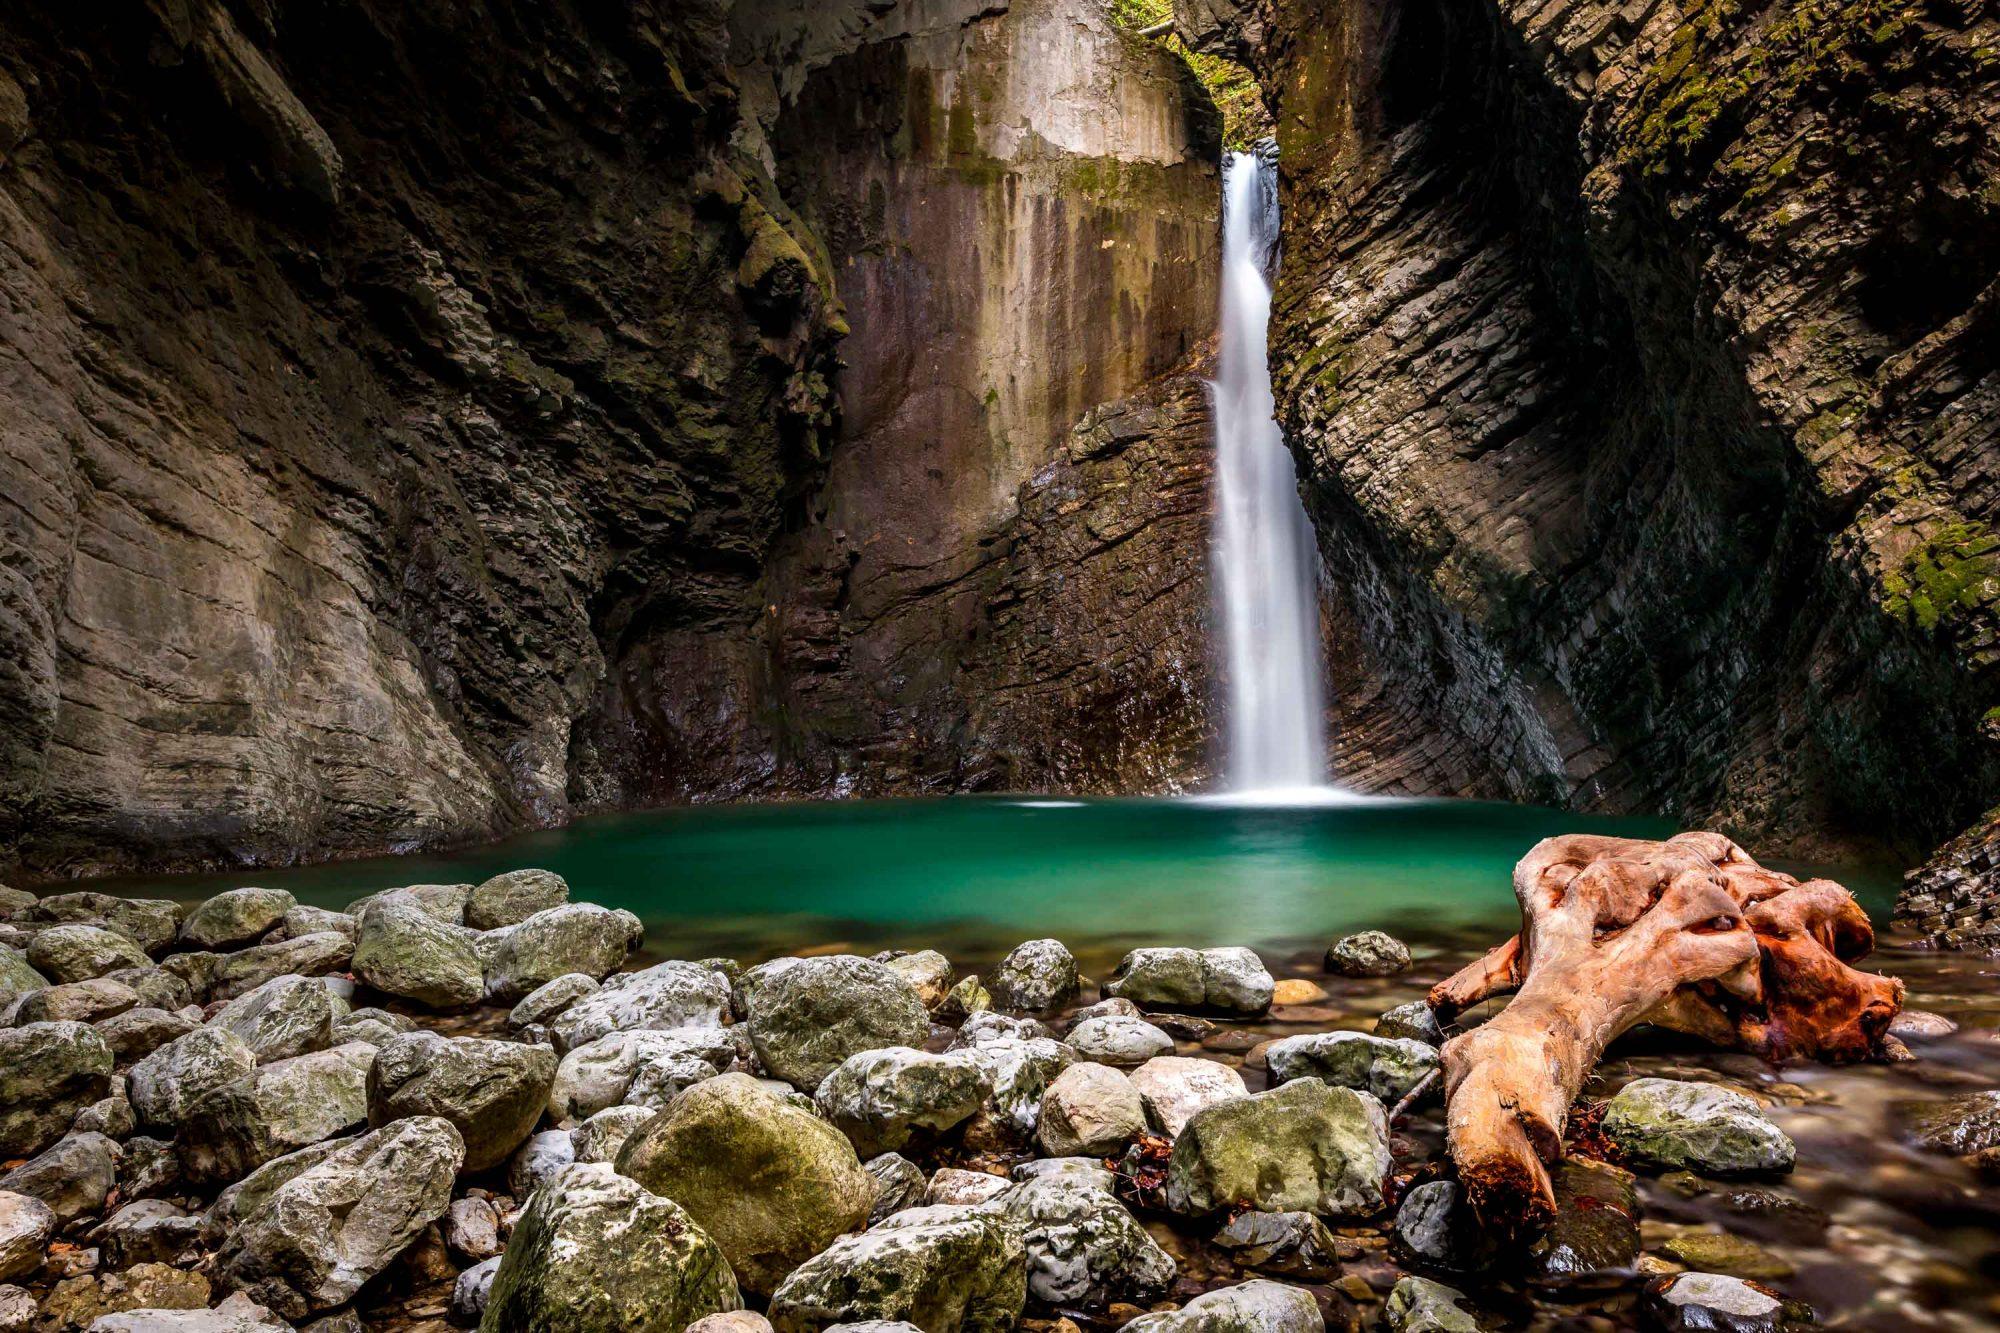 La cascade de Kozjak à l'ouest du parc national du Triglav. (Parc national du Triglav, Slovénie)